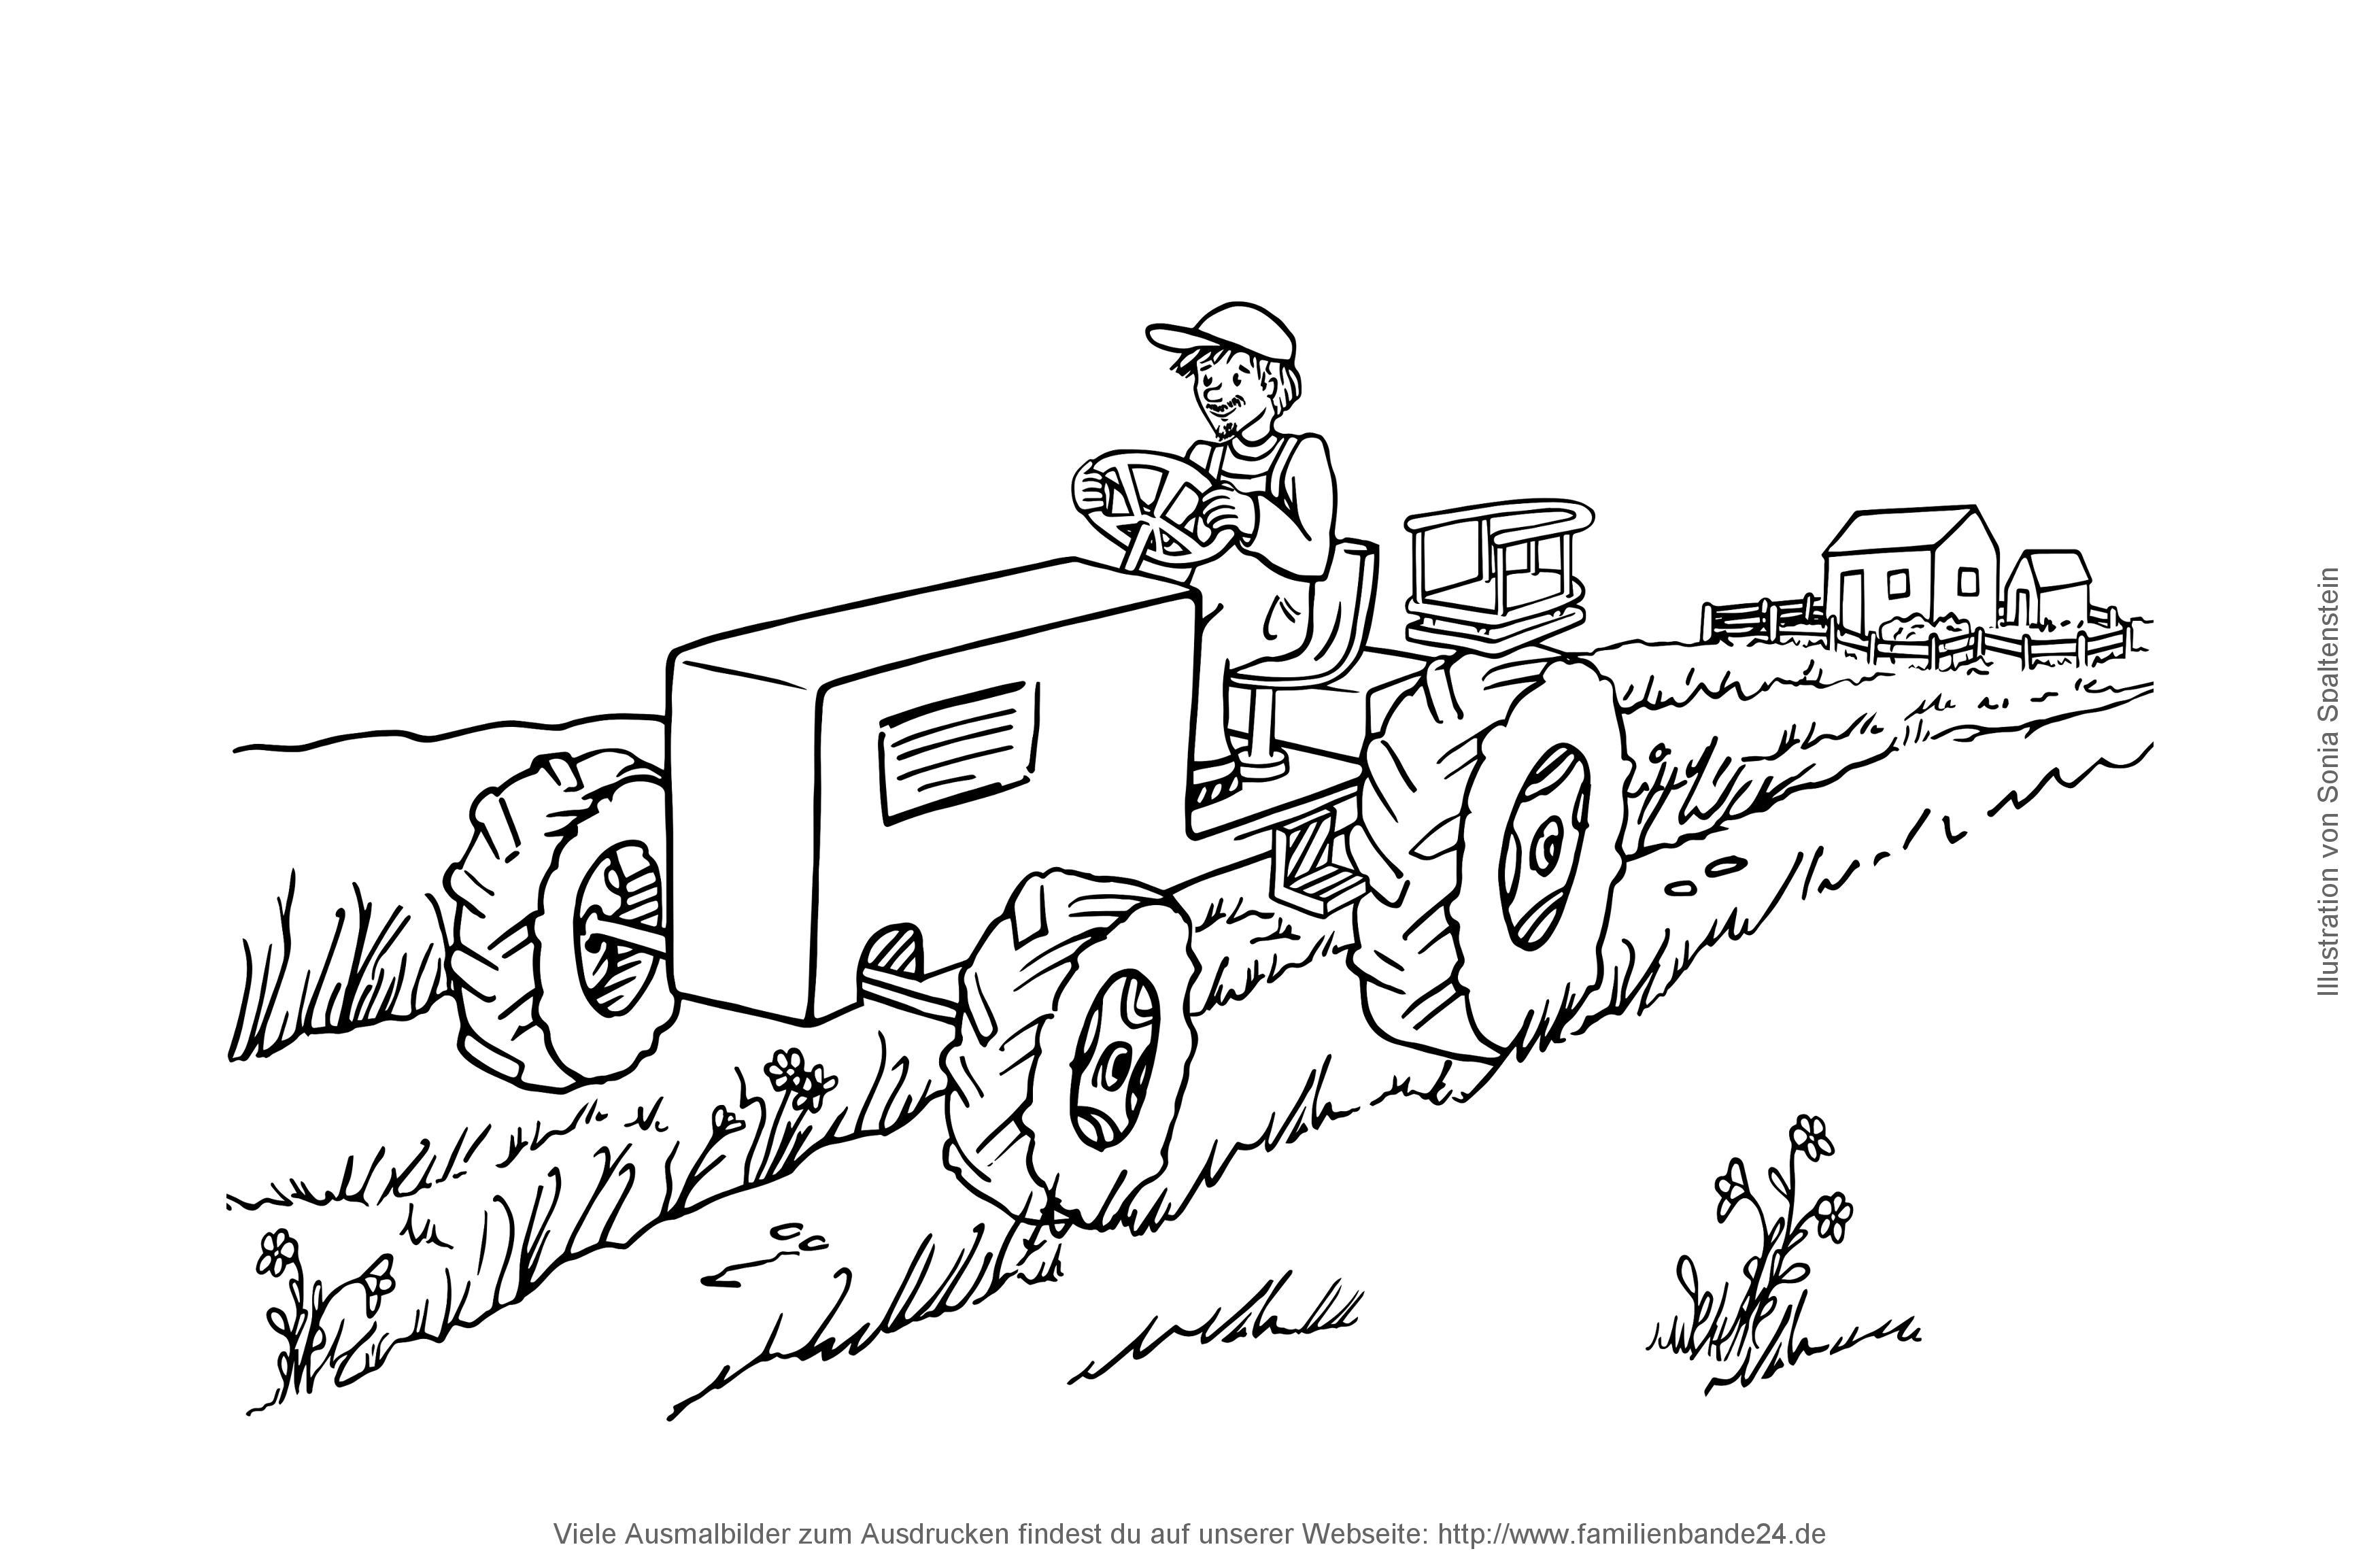 Ausmalbilder Traktor : Familienbande24 Alles Zu Vornamen Schwangerschaft Geburt Und Kinder